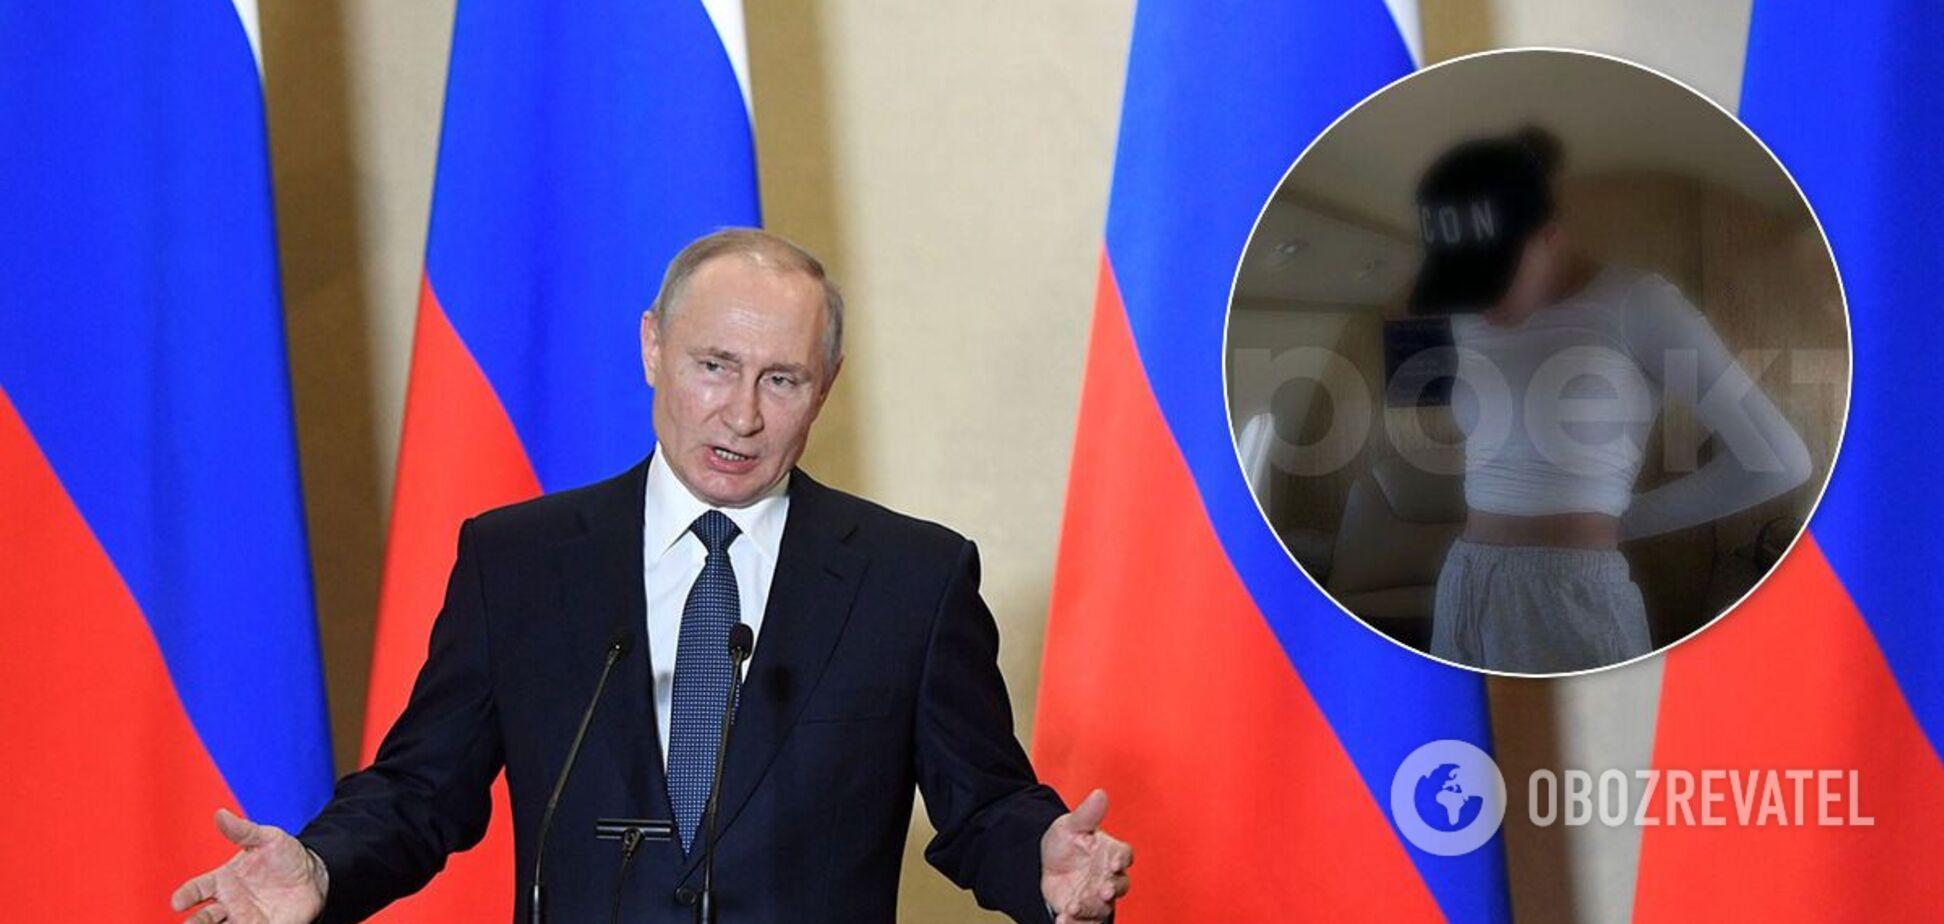 Журналисты нашли фотографии дочери Путина